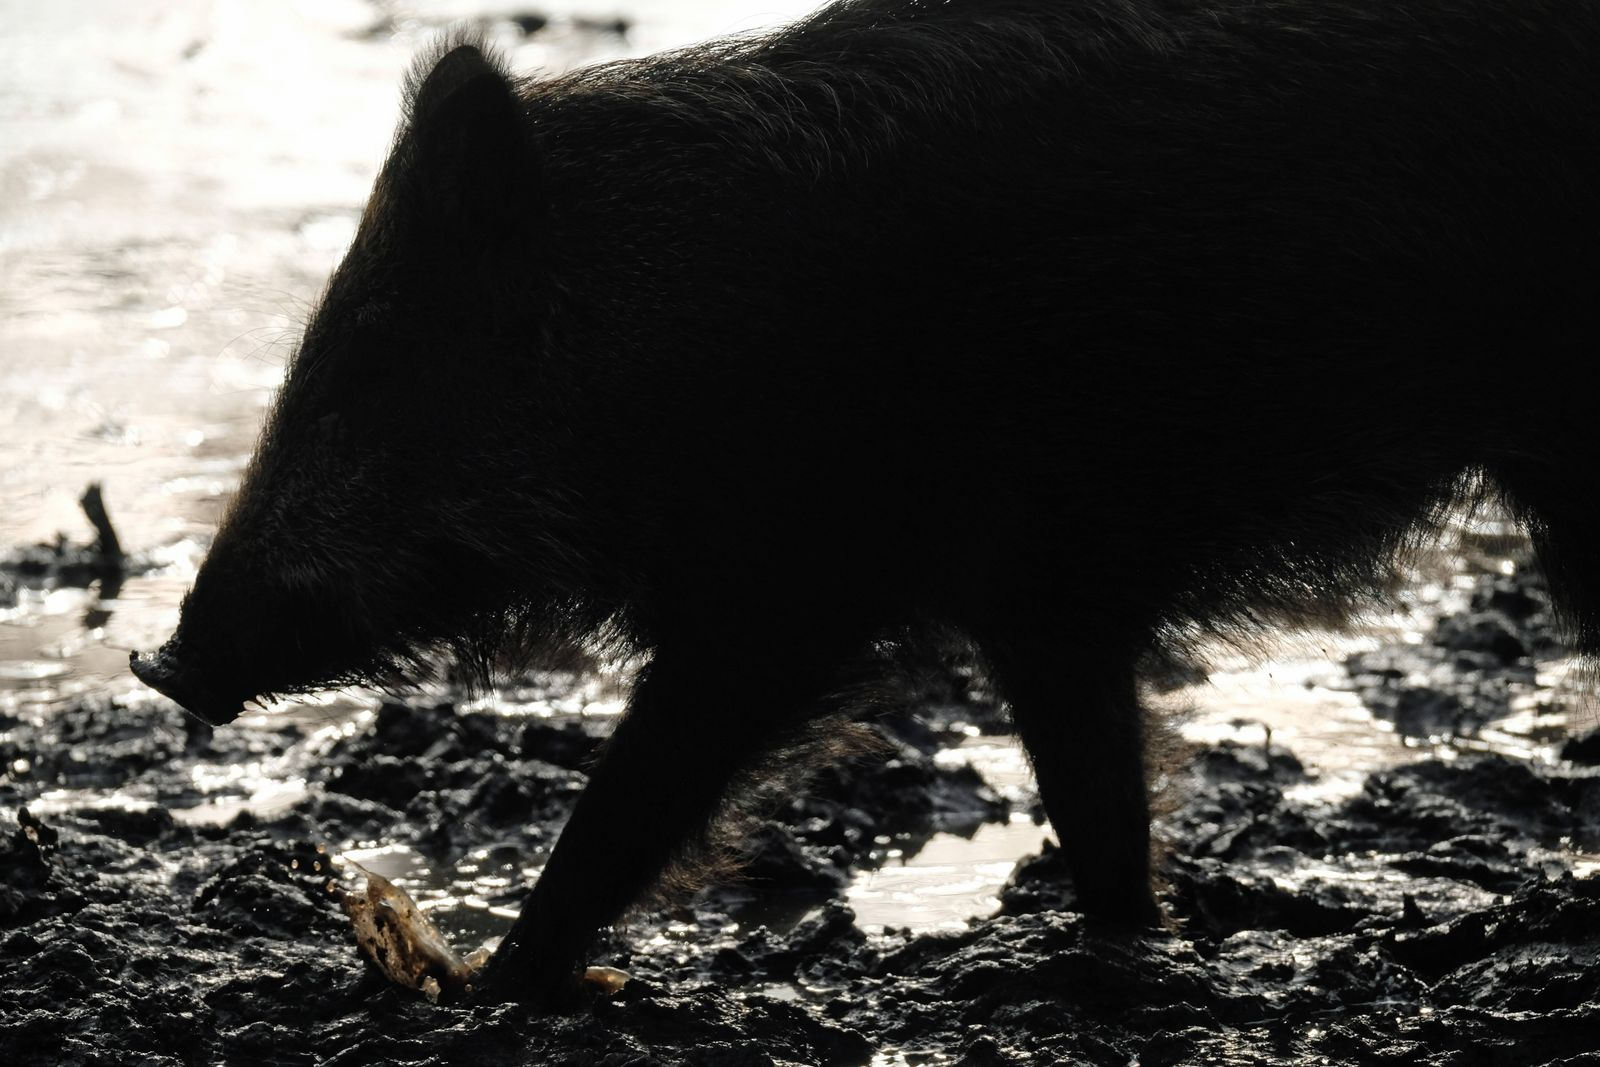 u.B.z. Wildschweine im Wildtiergehege in verschidenen Aktionen. Wildschweine *** u e.g. wild boars in the wild animal e